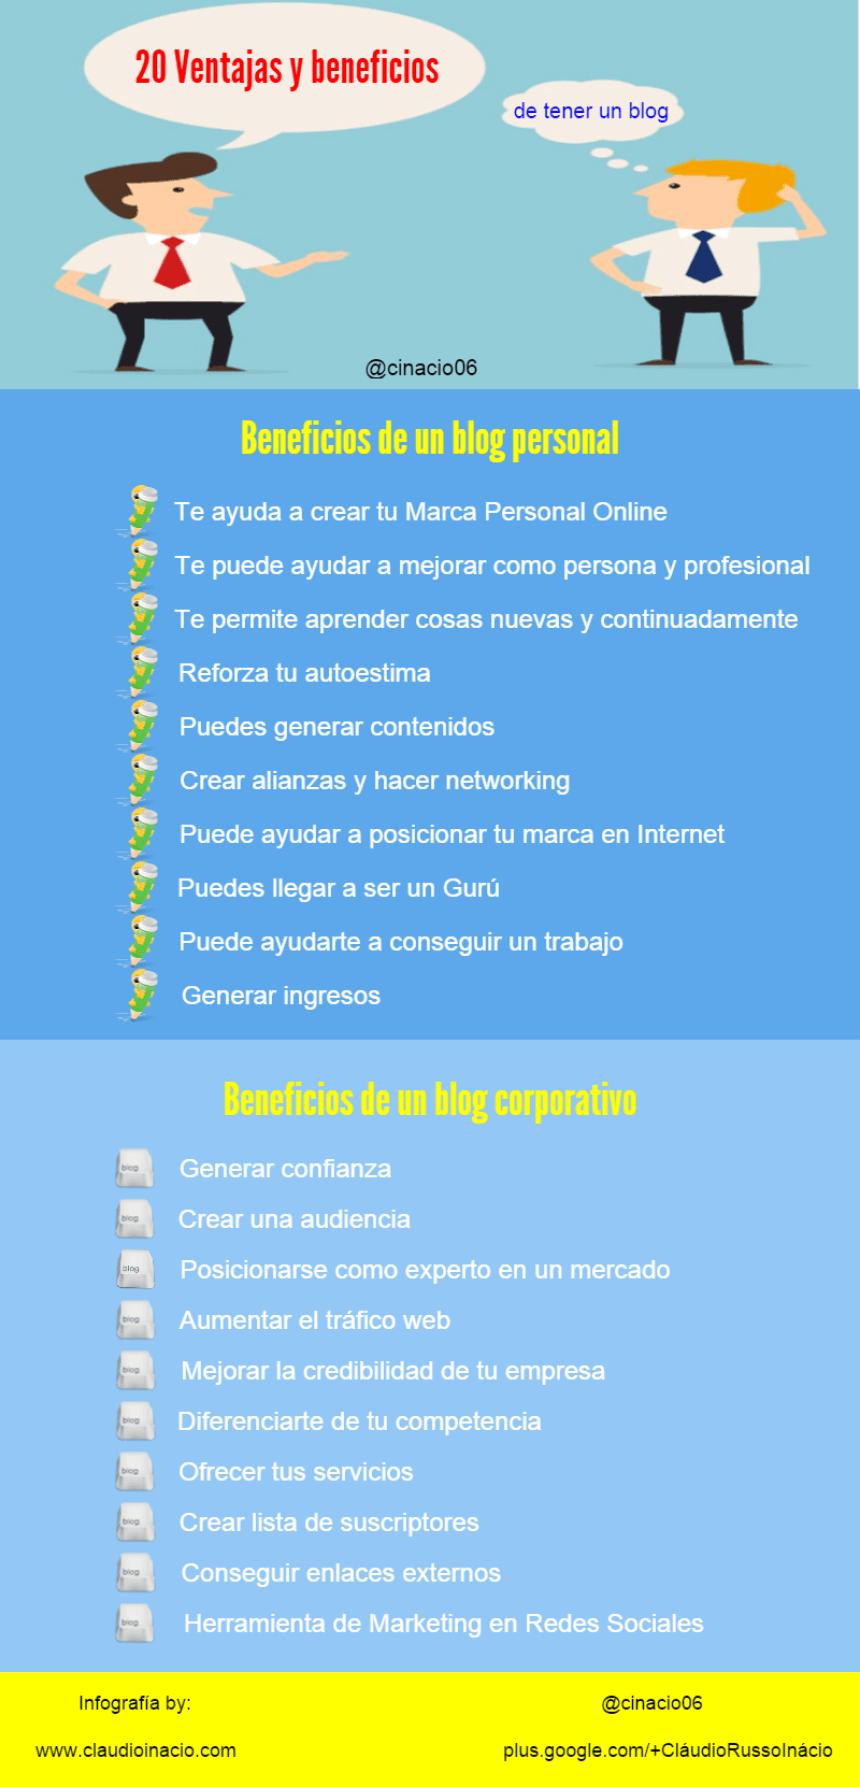 20 ventajas y beneficios de tener un Blog